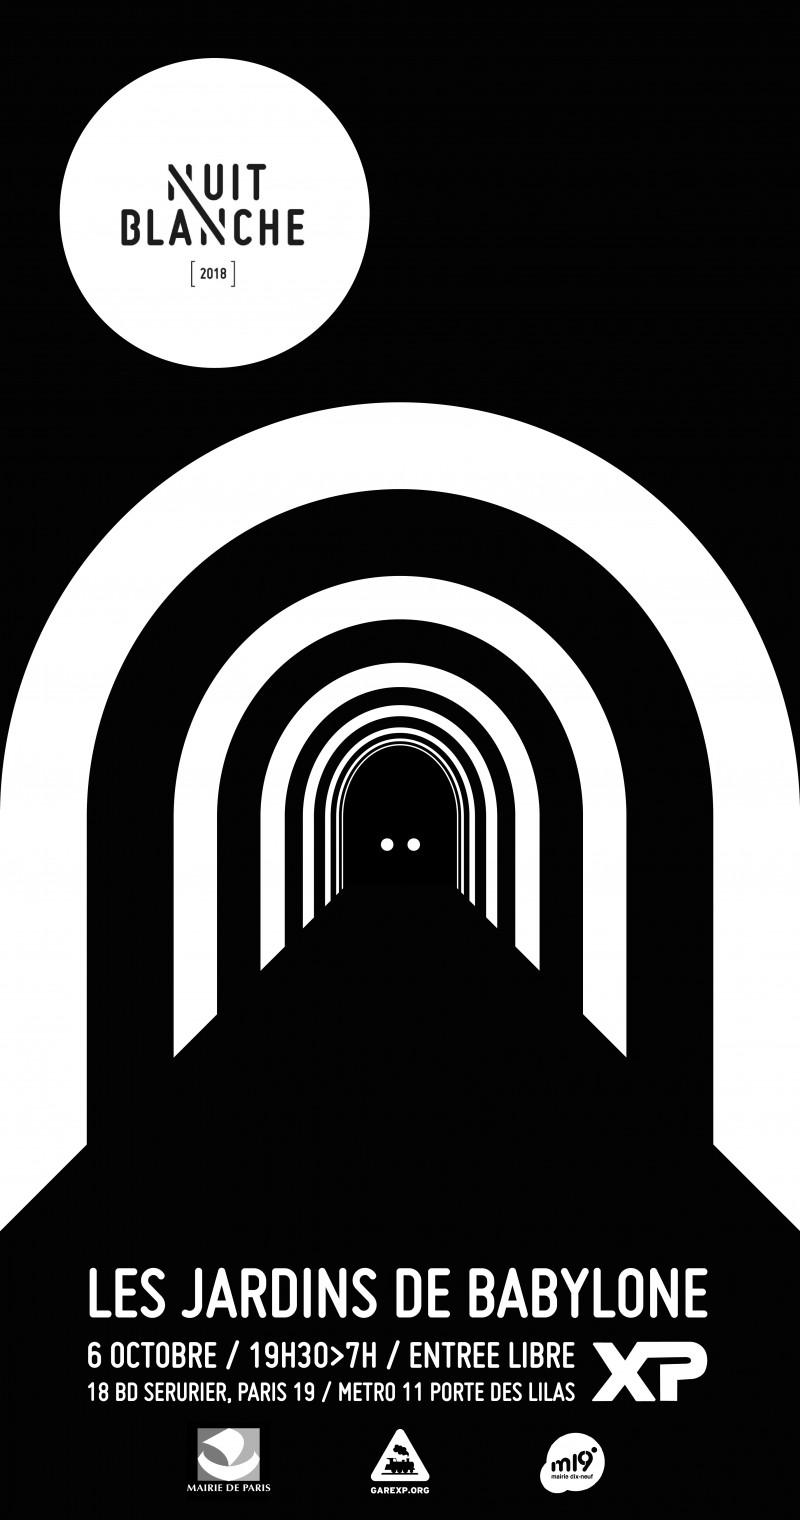 affiche-nuit-blanche-2018-gare-xp-e2ad325922d0964f8a033ba770476df5